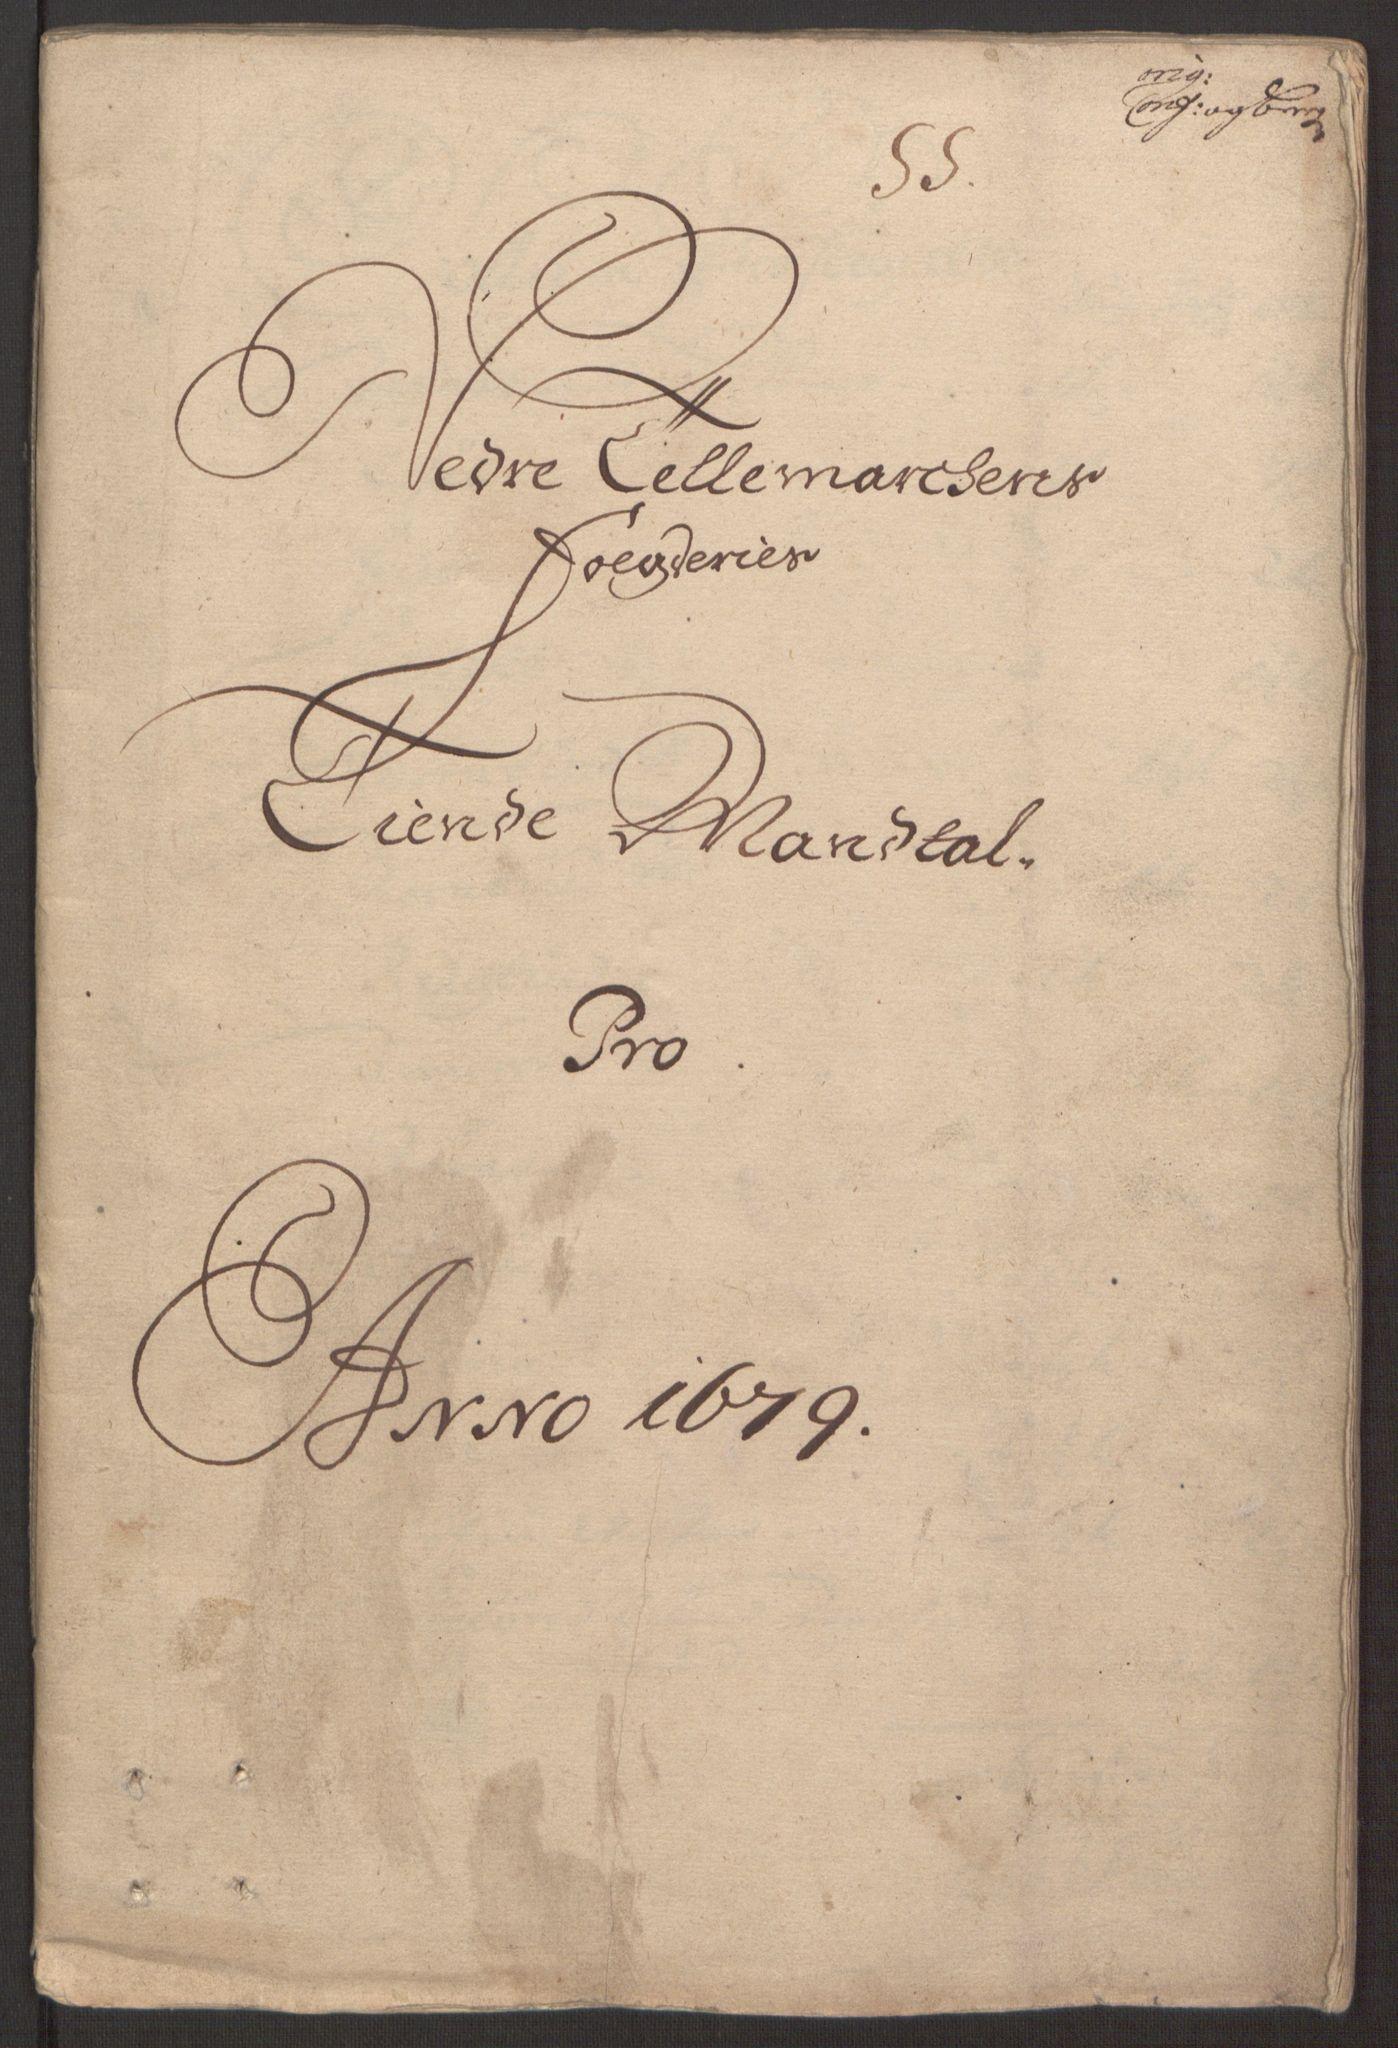 RA, Rentekammeret inntil 1814, Reviderte regnskaper, Fogderegnskap, R35/L2072: Fogderegnskap Øvre og Nedre Telemark, 1679, s. 220